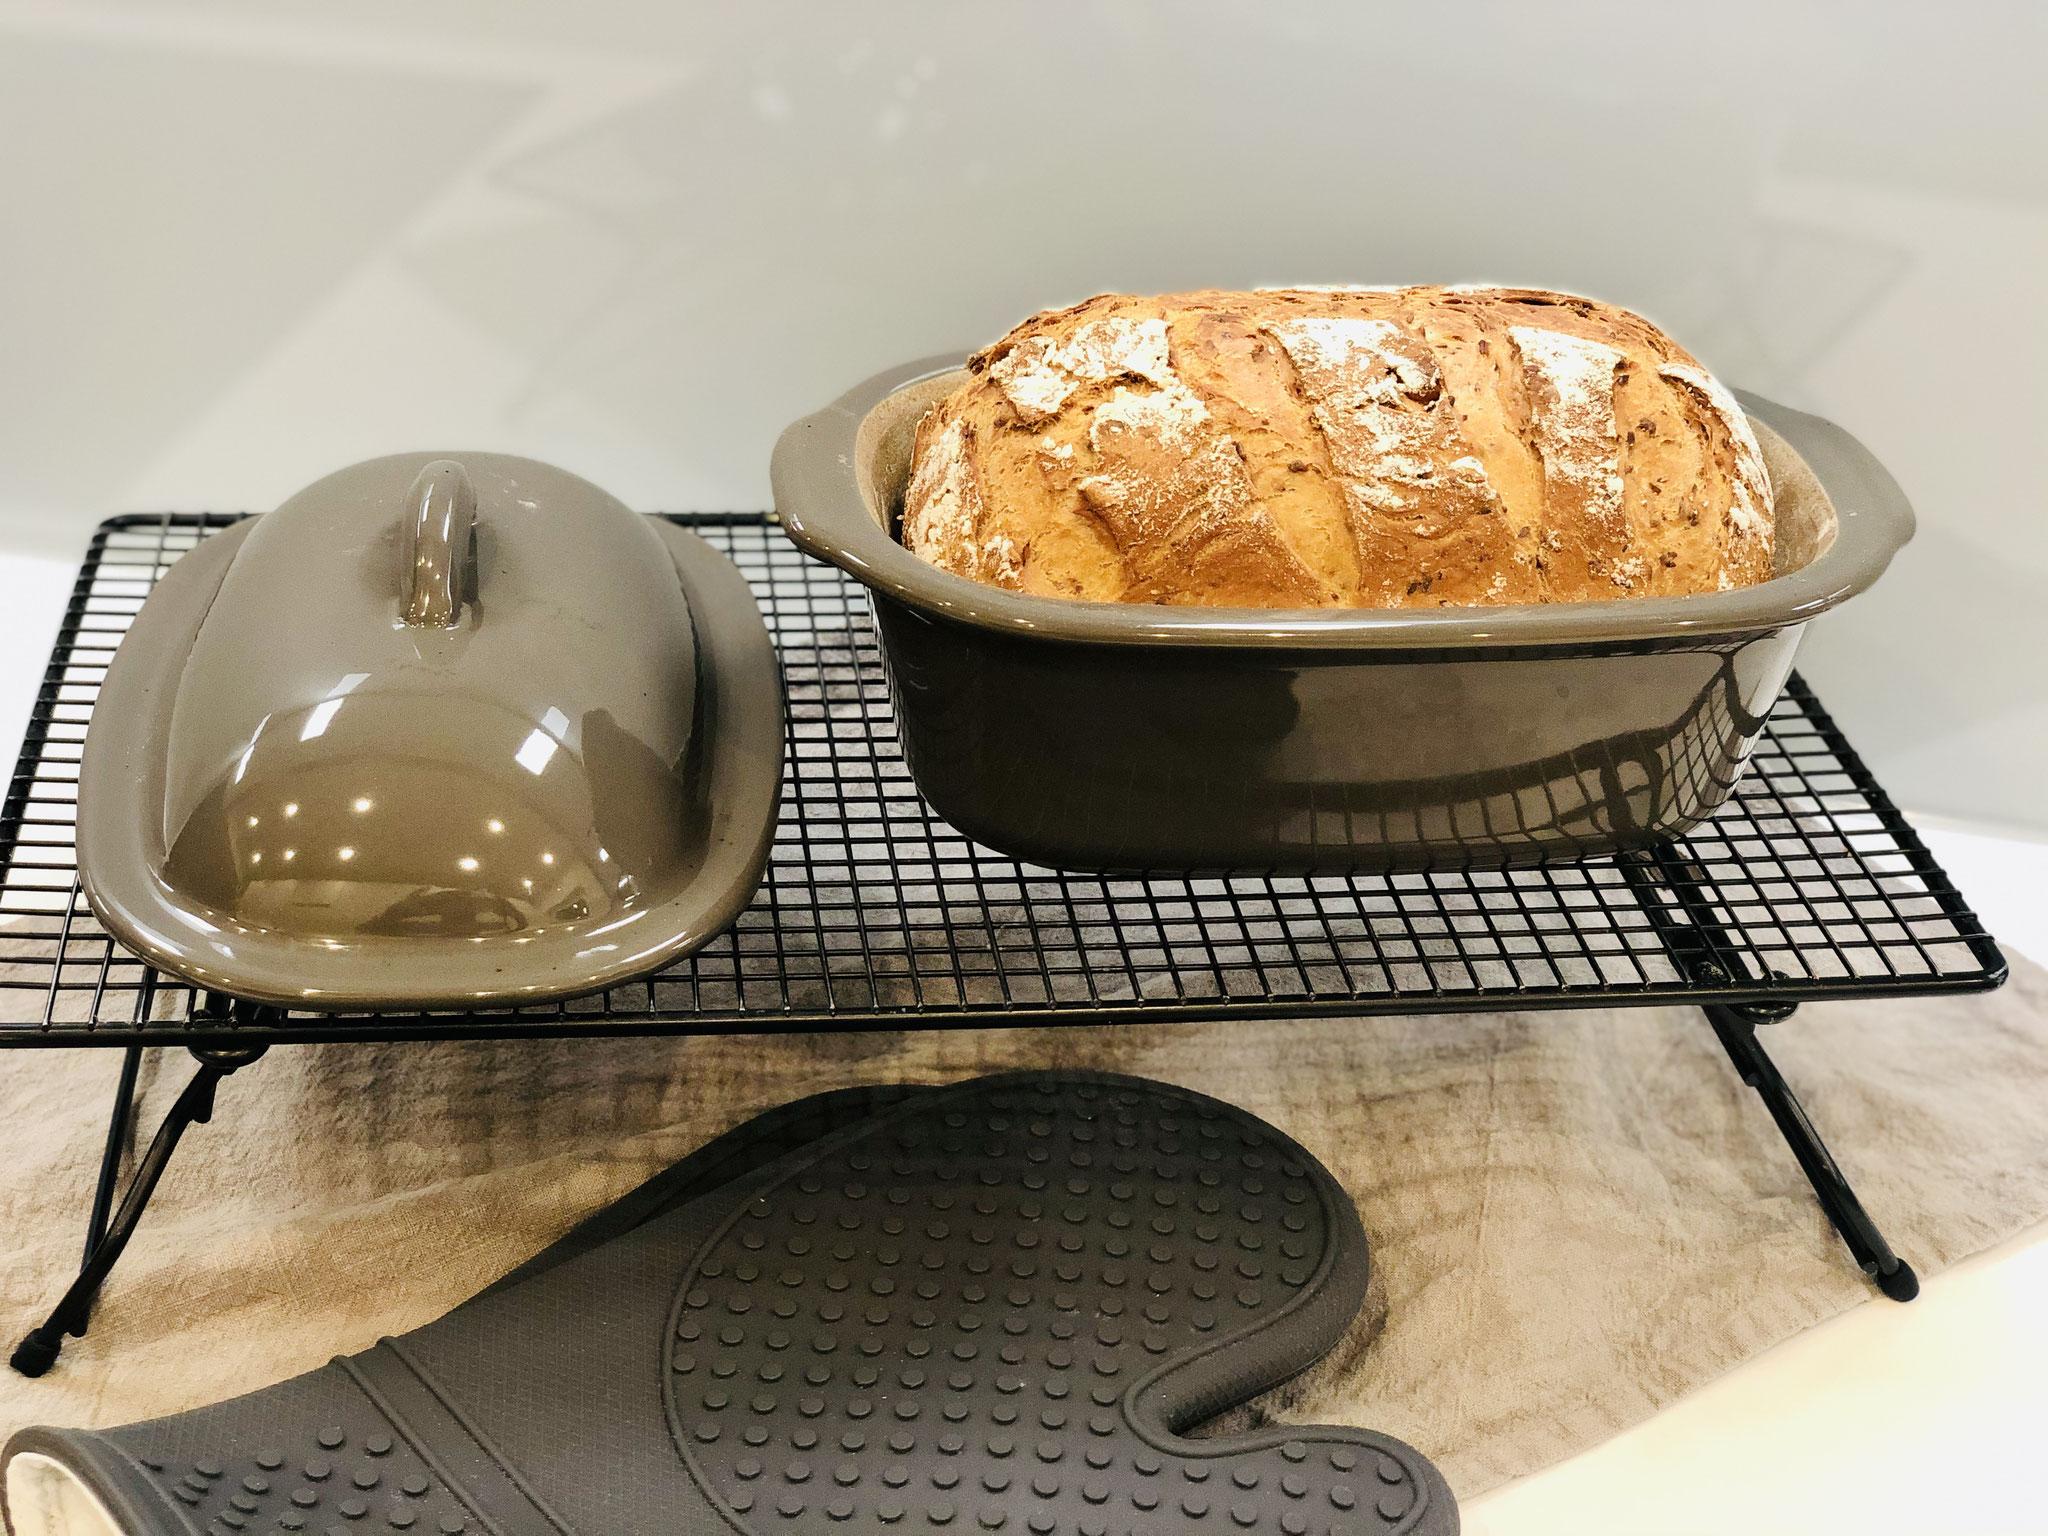 Nach dem backen das Brot sofort auf das Kuchengitter mit Füssen stürzen und abkühlen lassen...